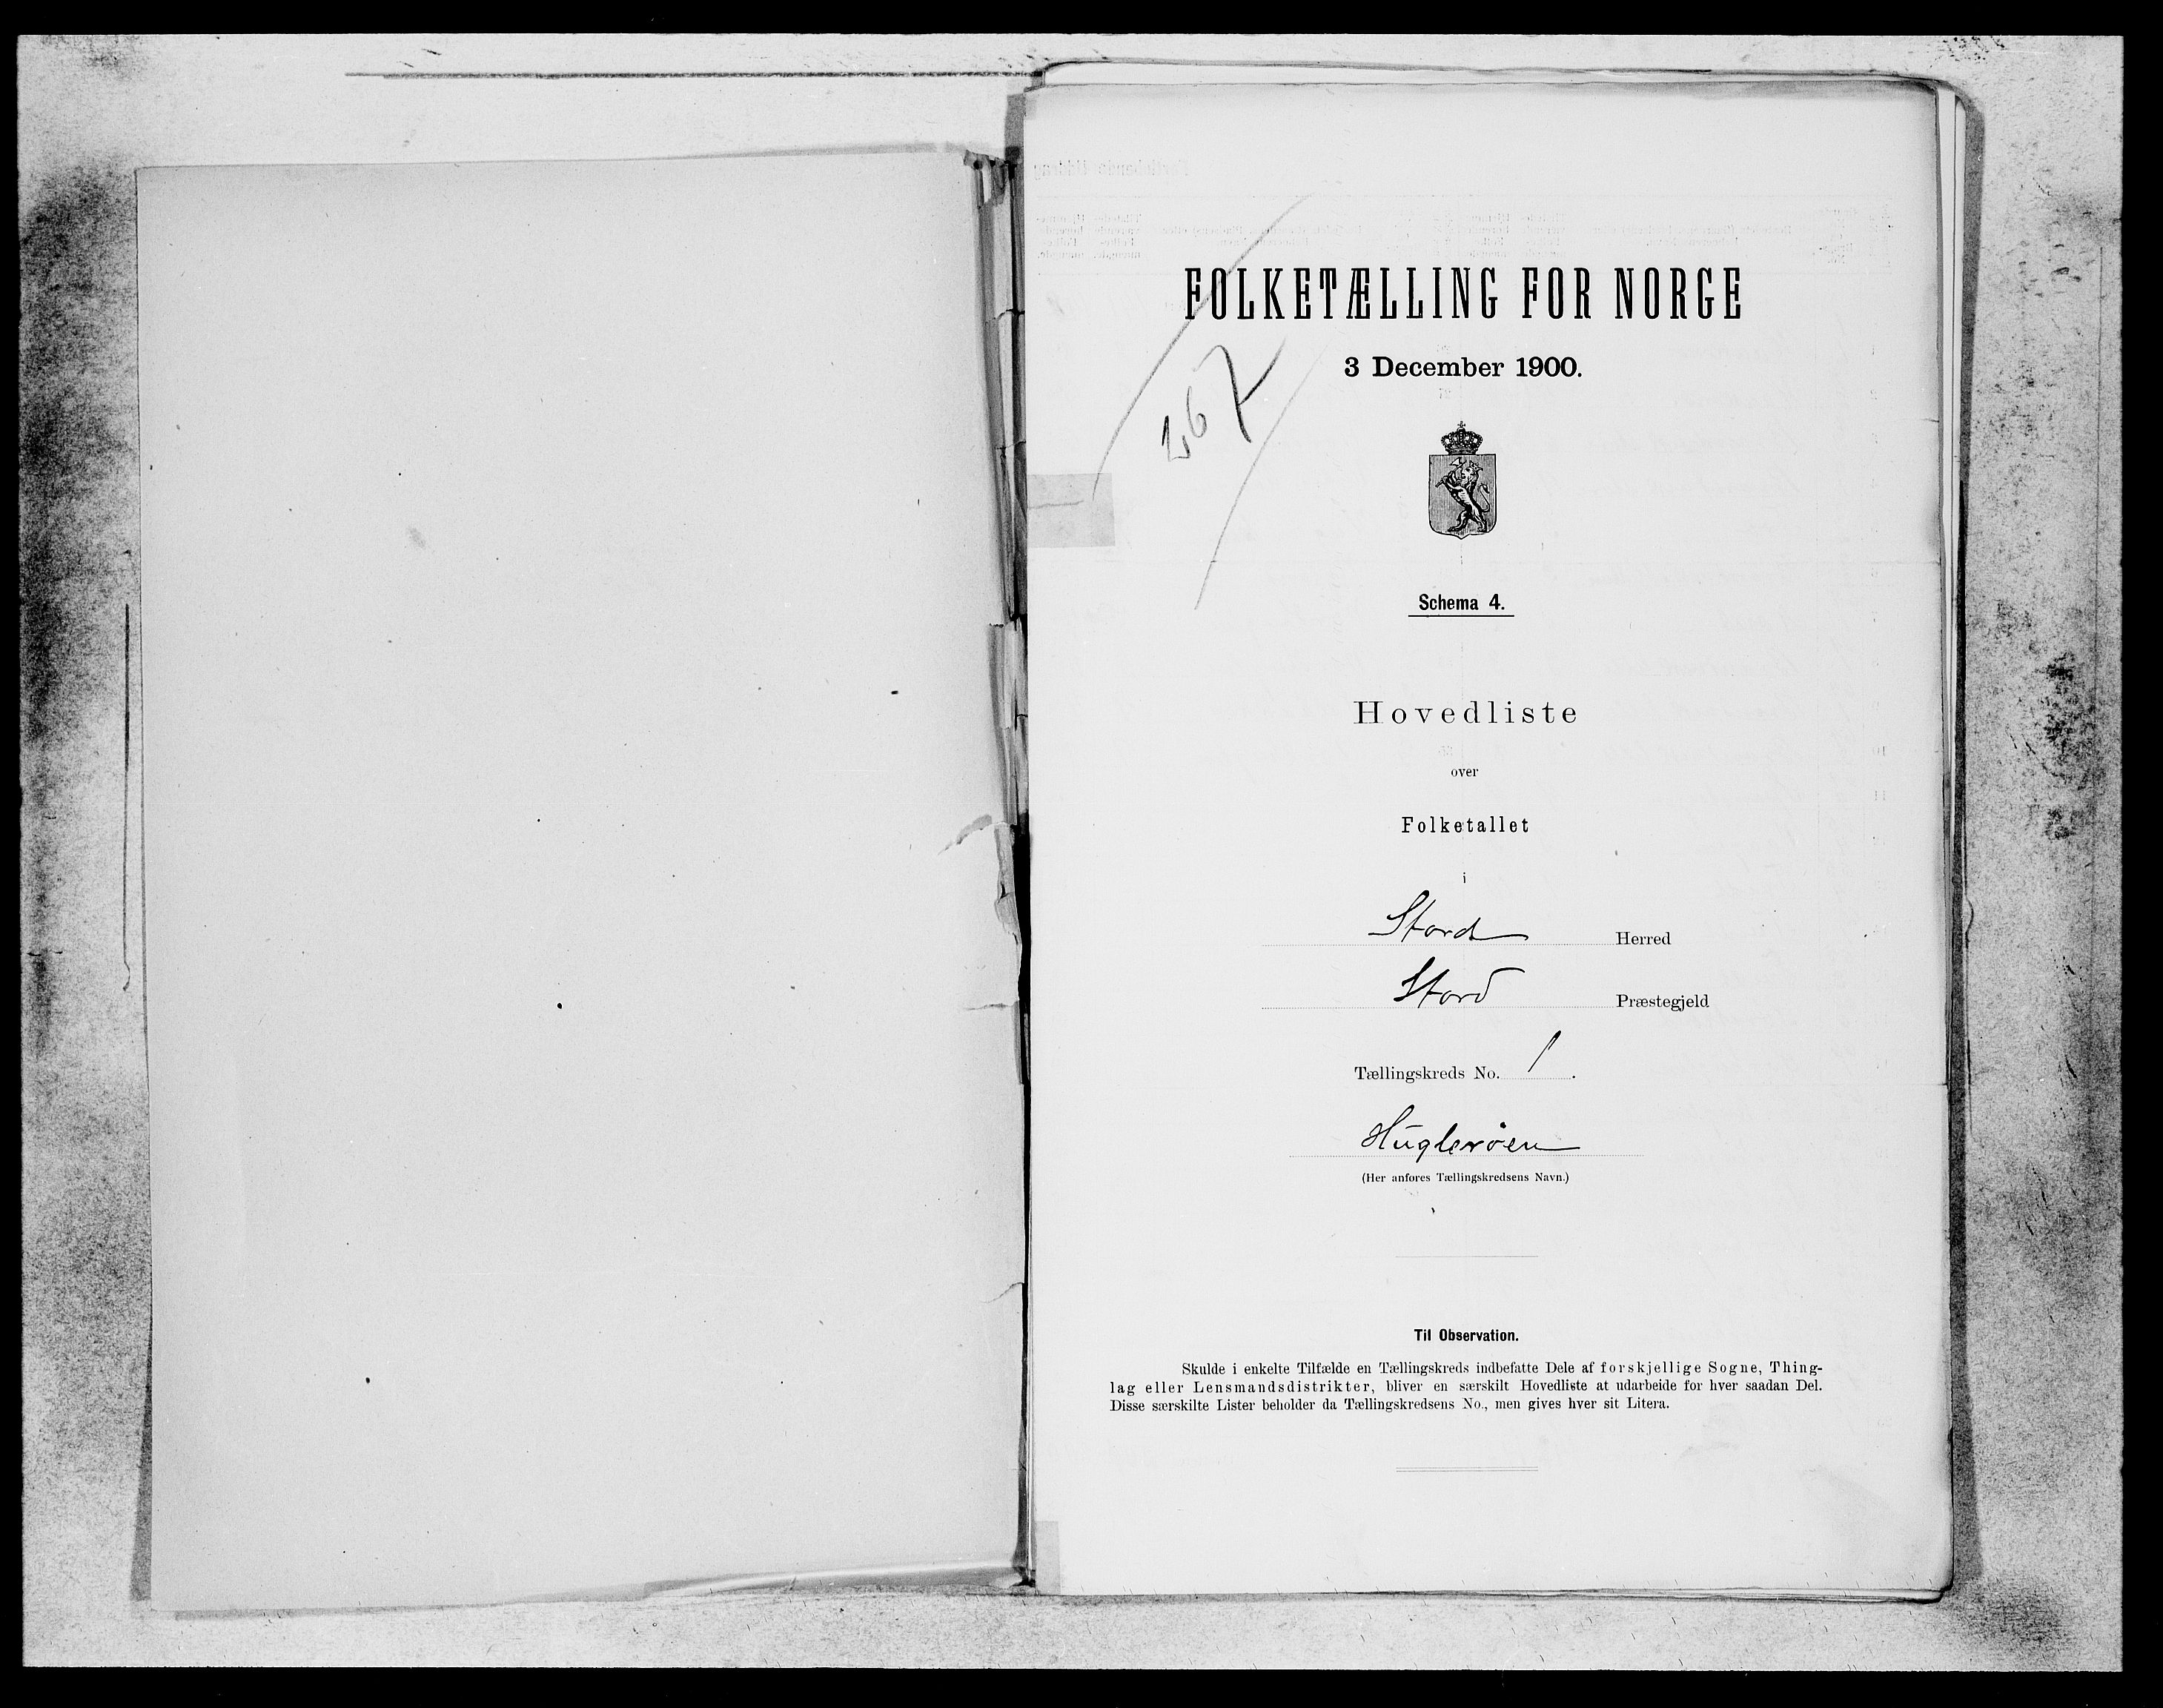 SAB, Folketelling 1900 for 1221 Stord herred, 1900, s. 1